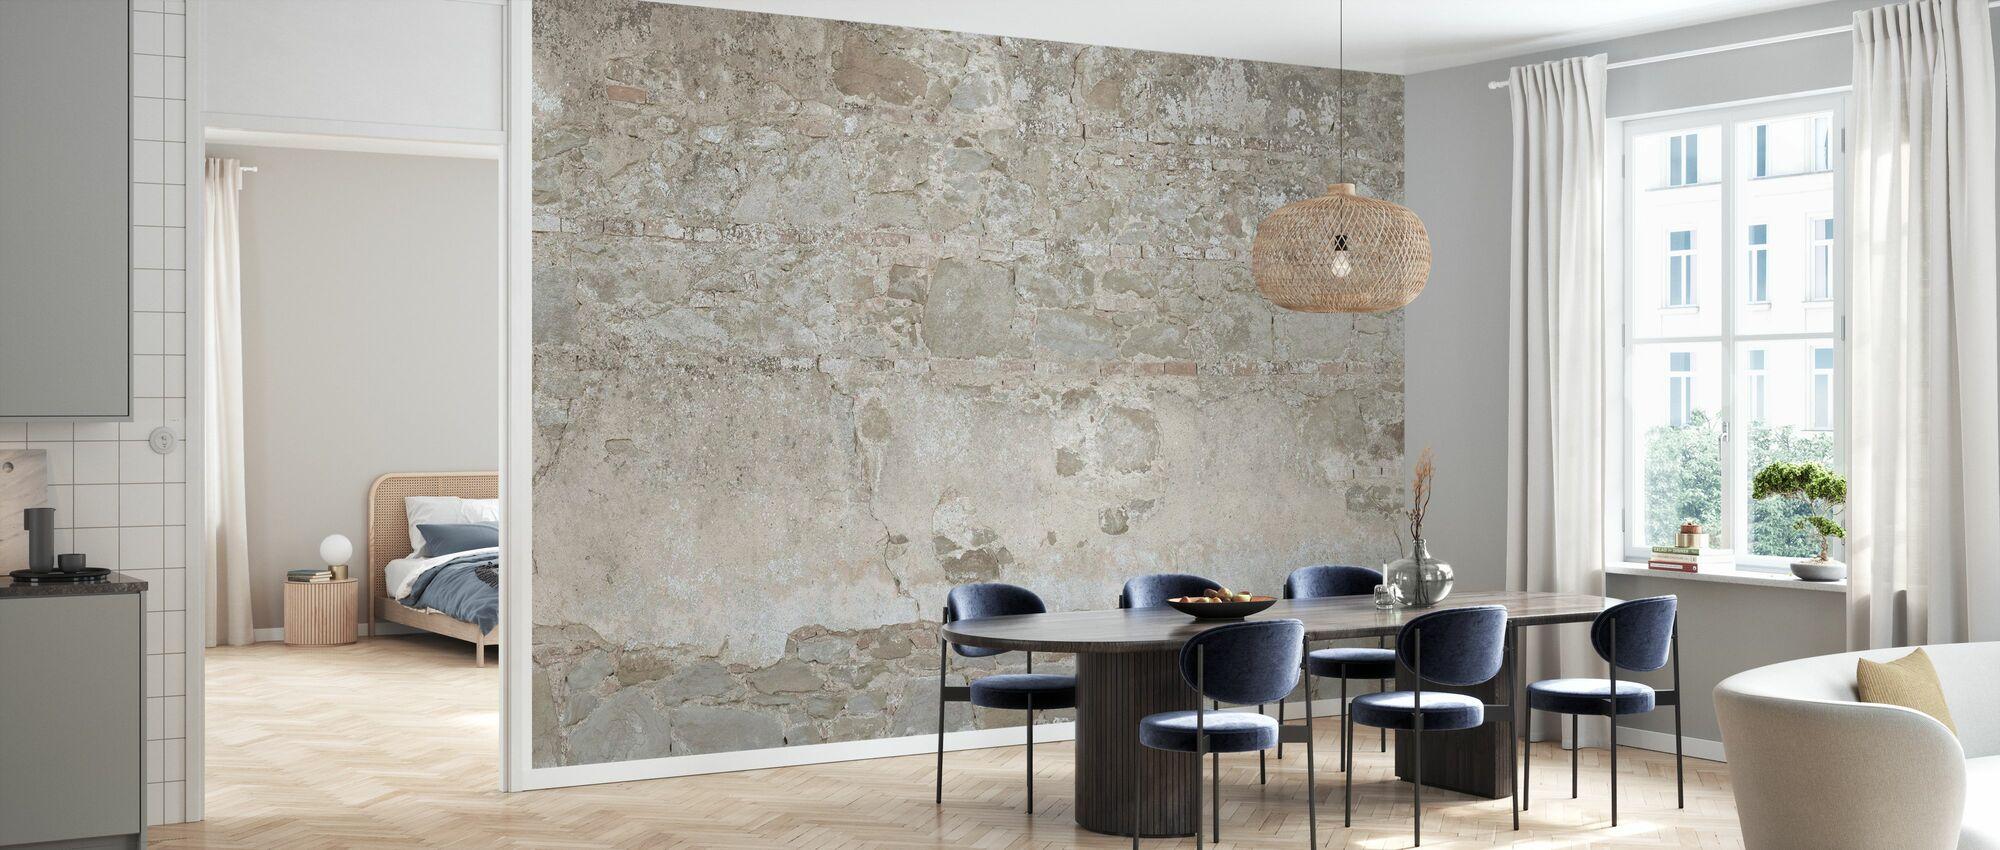 Helle Steinmauer - Tapete - Küchen